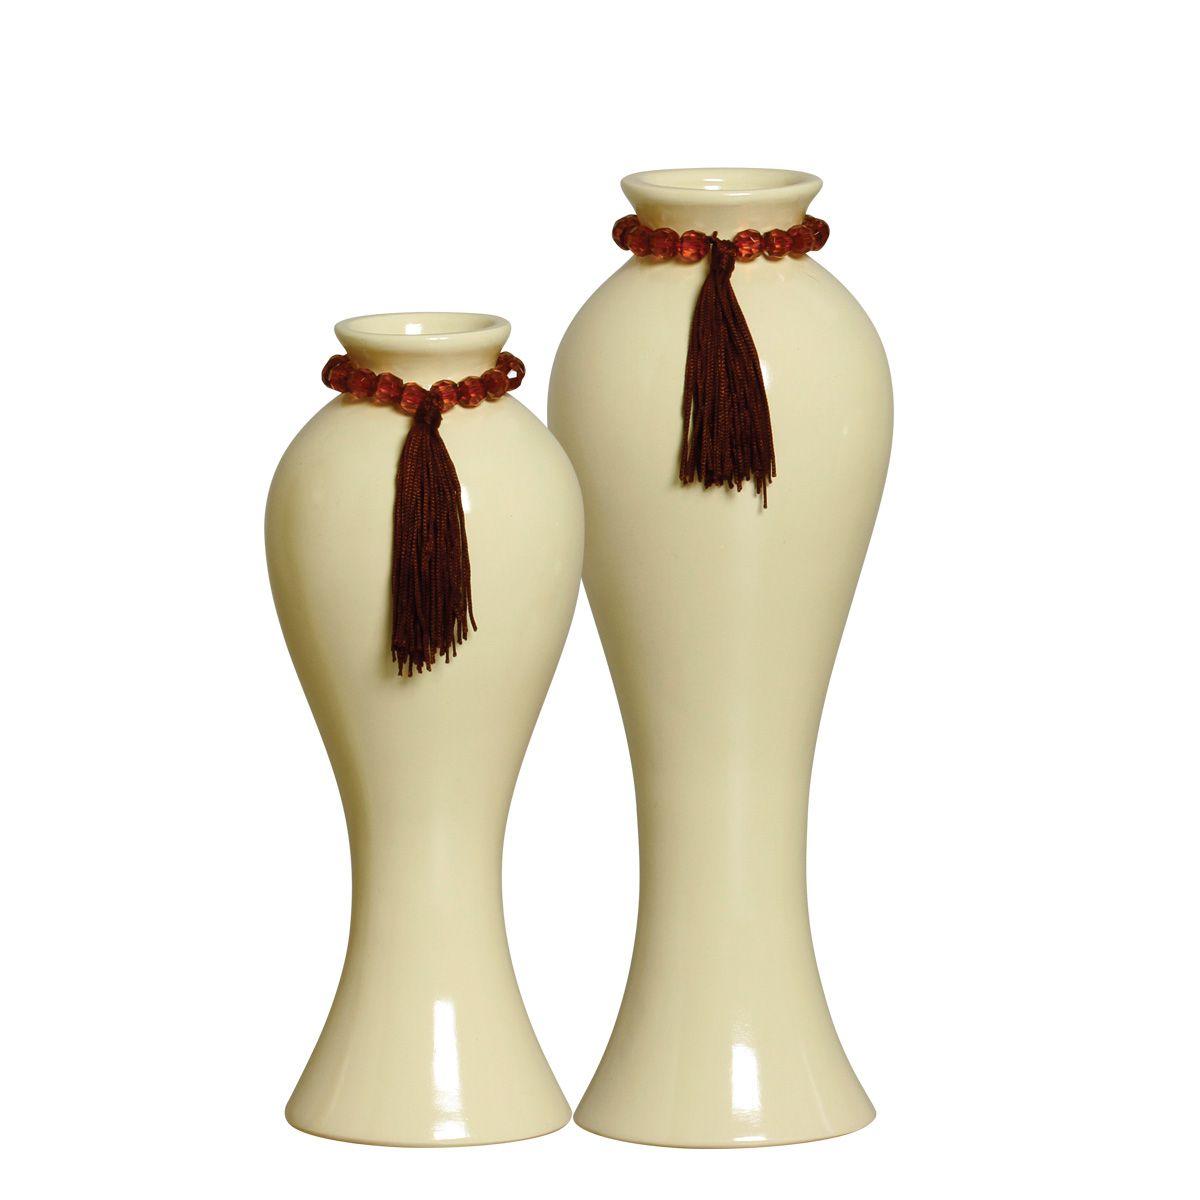 Dupla de Vasos Clássicos Da Linha Fendi P/ Decoração